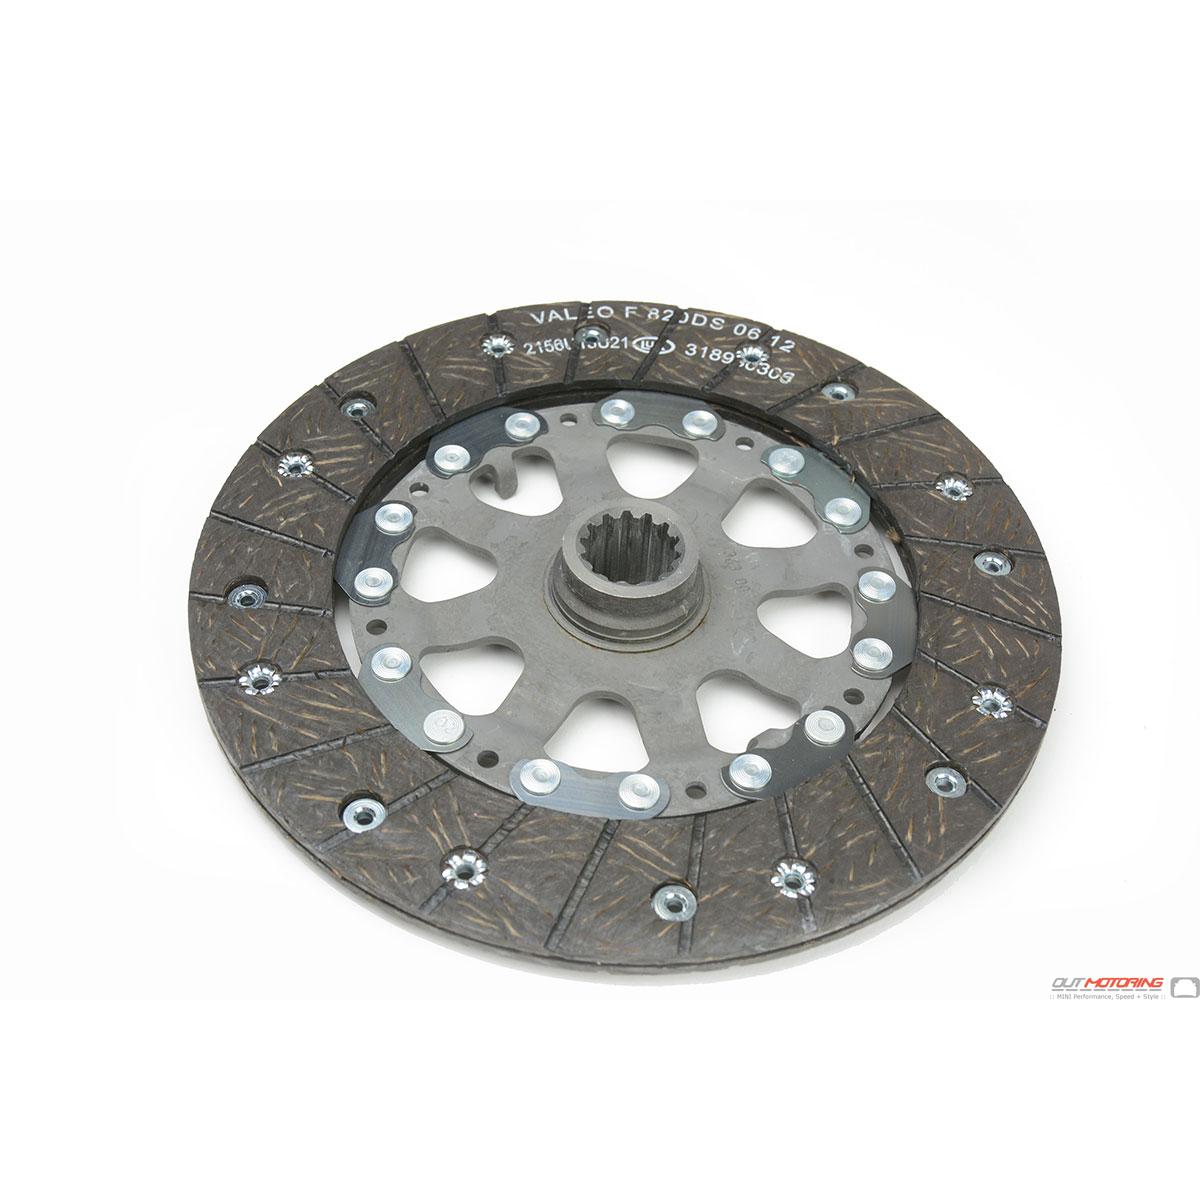 MINI Cooper Replacement Clutch Disc 21207527827